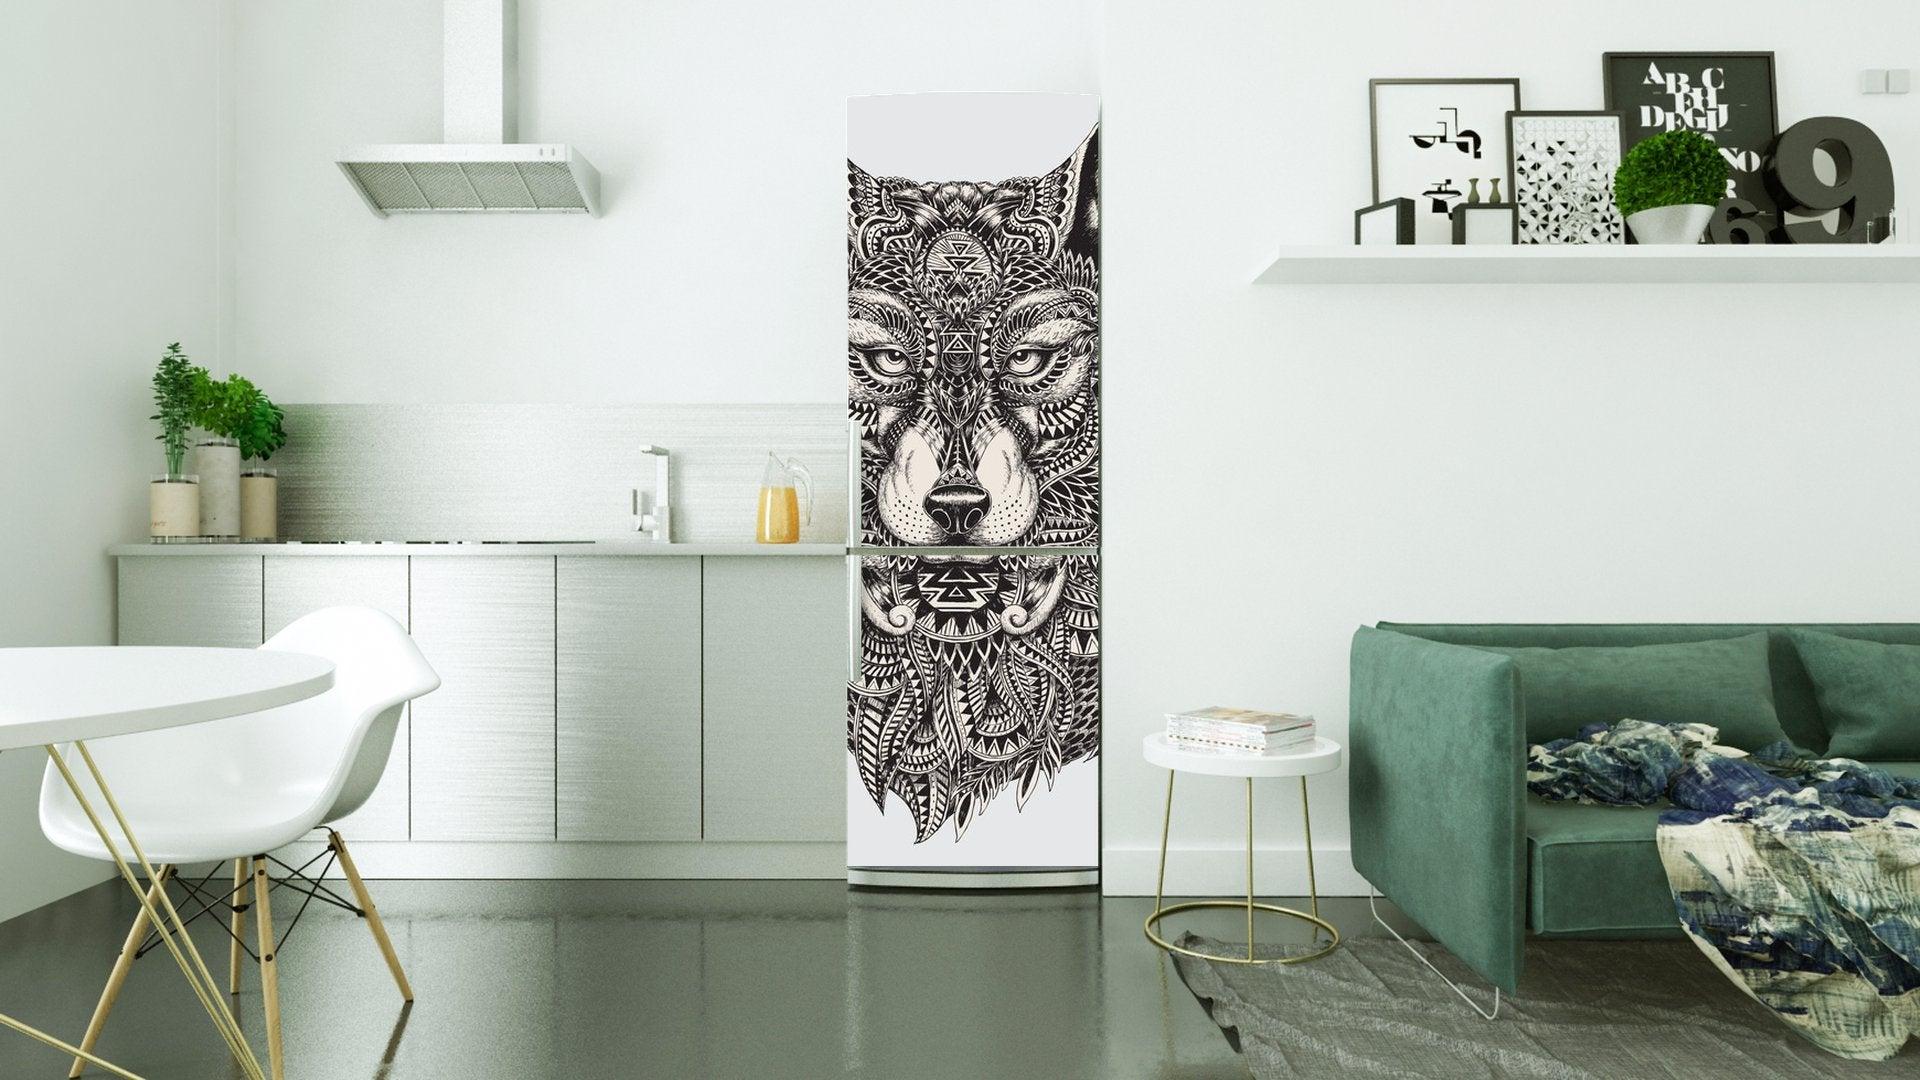 Vinilo de motivo animal, lobo, para decorar la nevera.